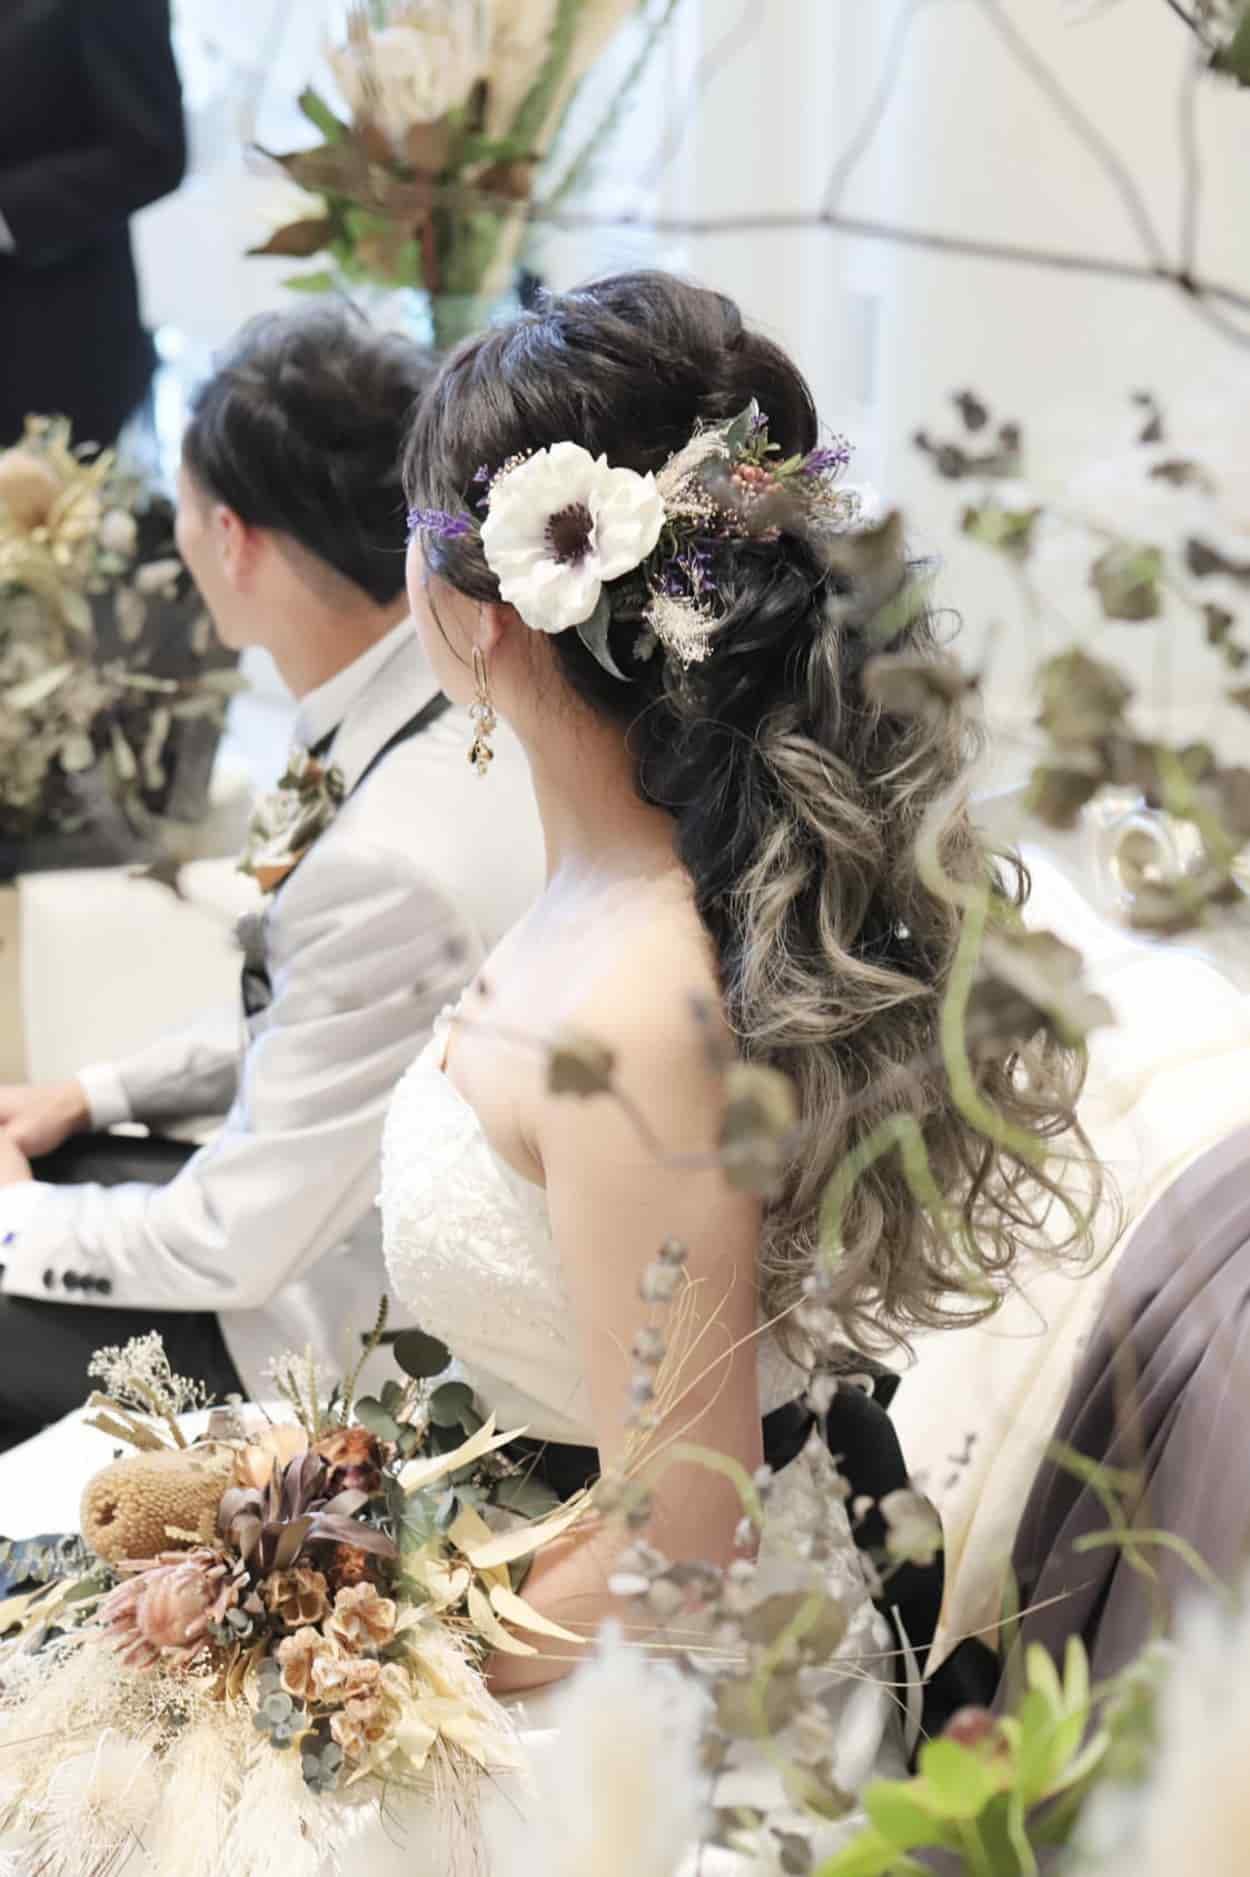 花嫁 髪型 お花 編み込みヘア ウェディングドレス着用